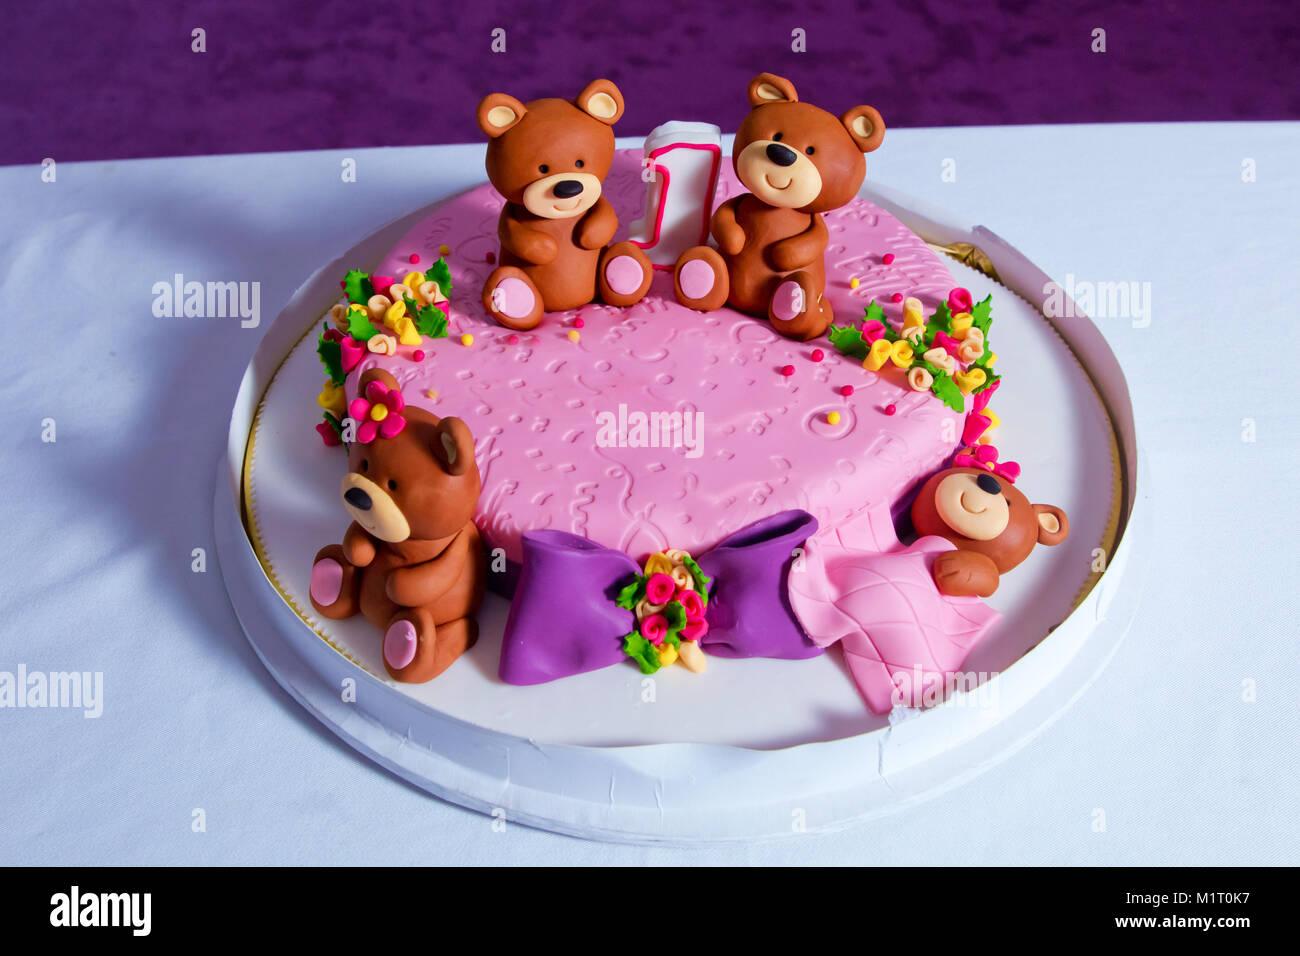 Kuchen. Grosse Schöne Kinder Kuchen Mit Türkis Teddybär Eingerichtet